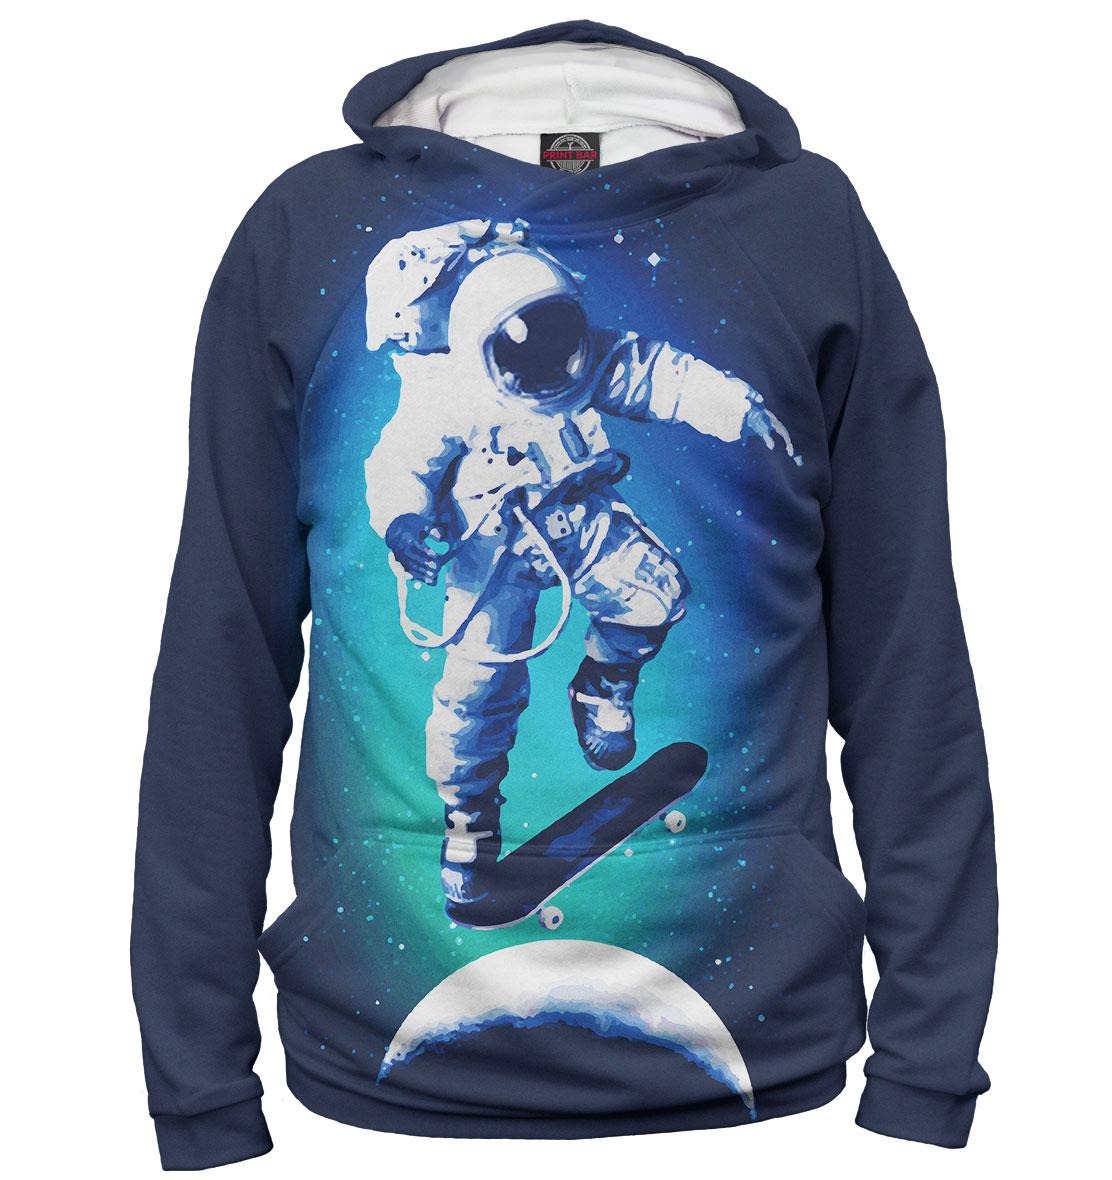 Купить Космонавт-скейтер, Printbar, Худи, SKT-954816-hud-1